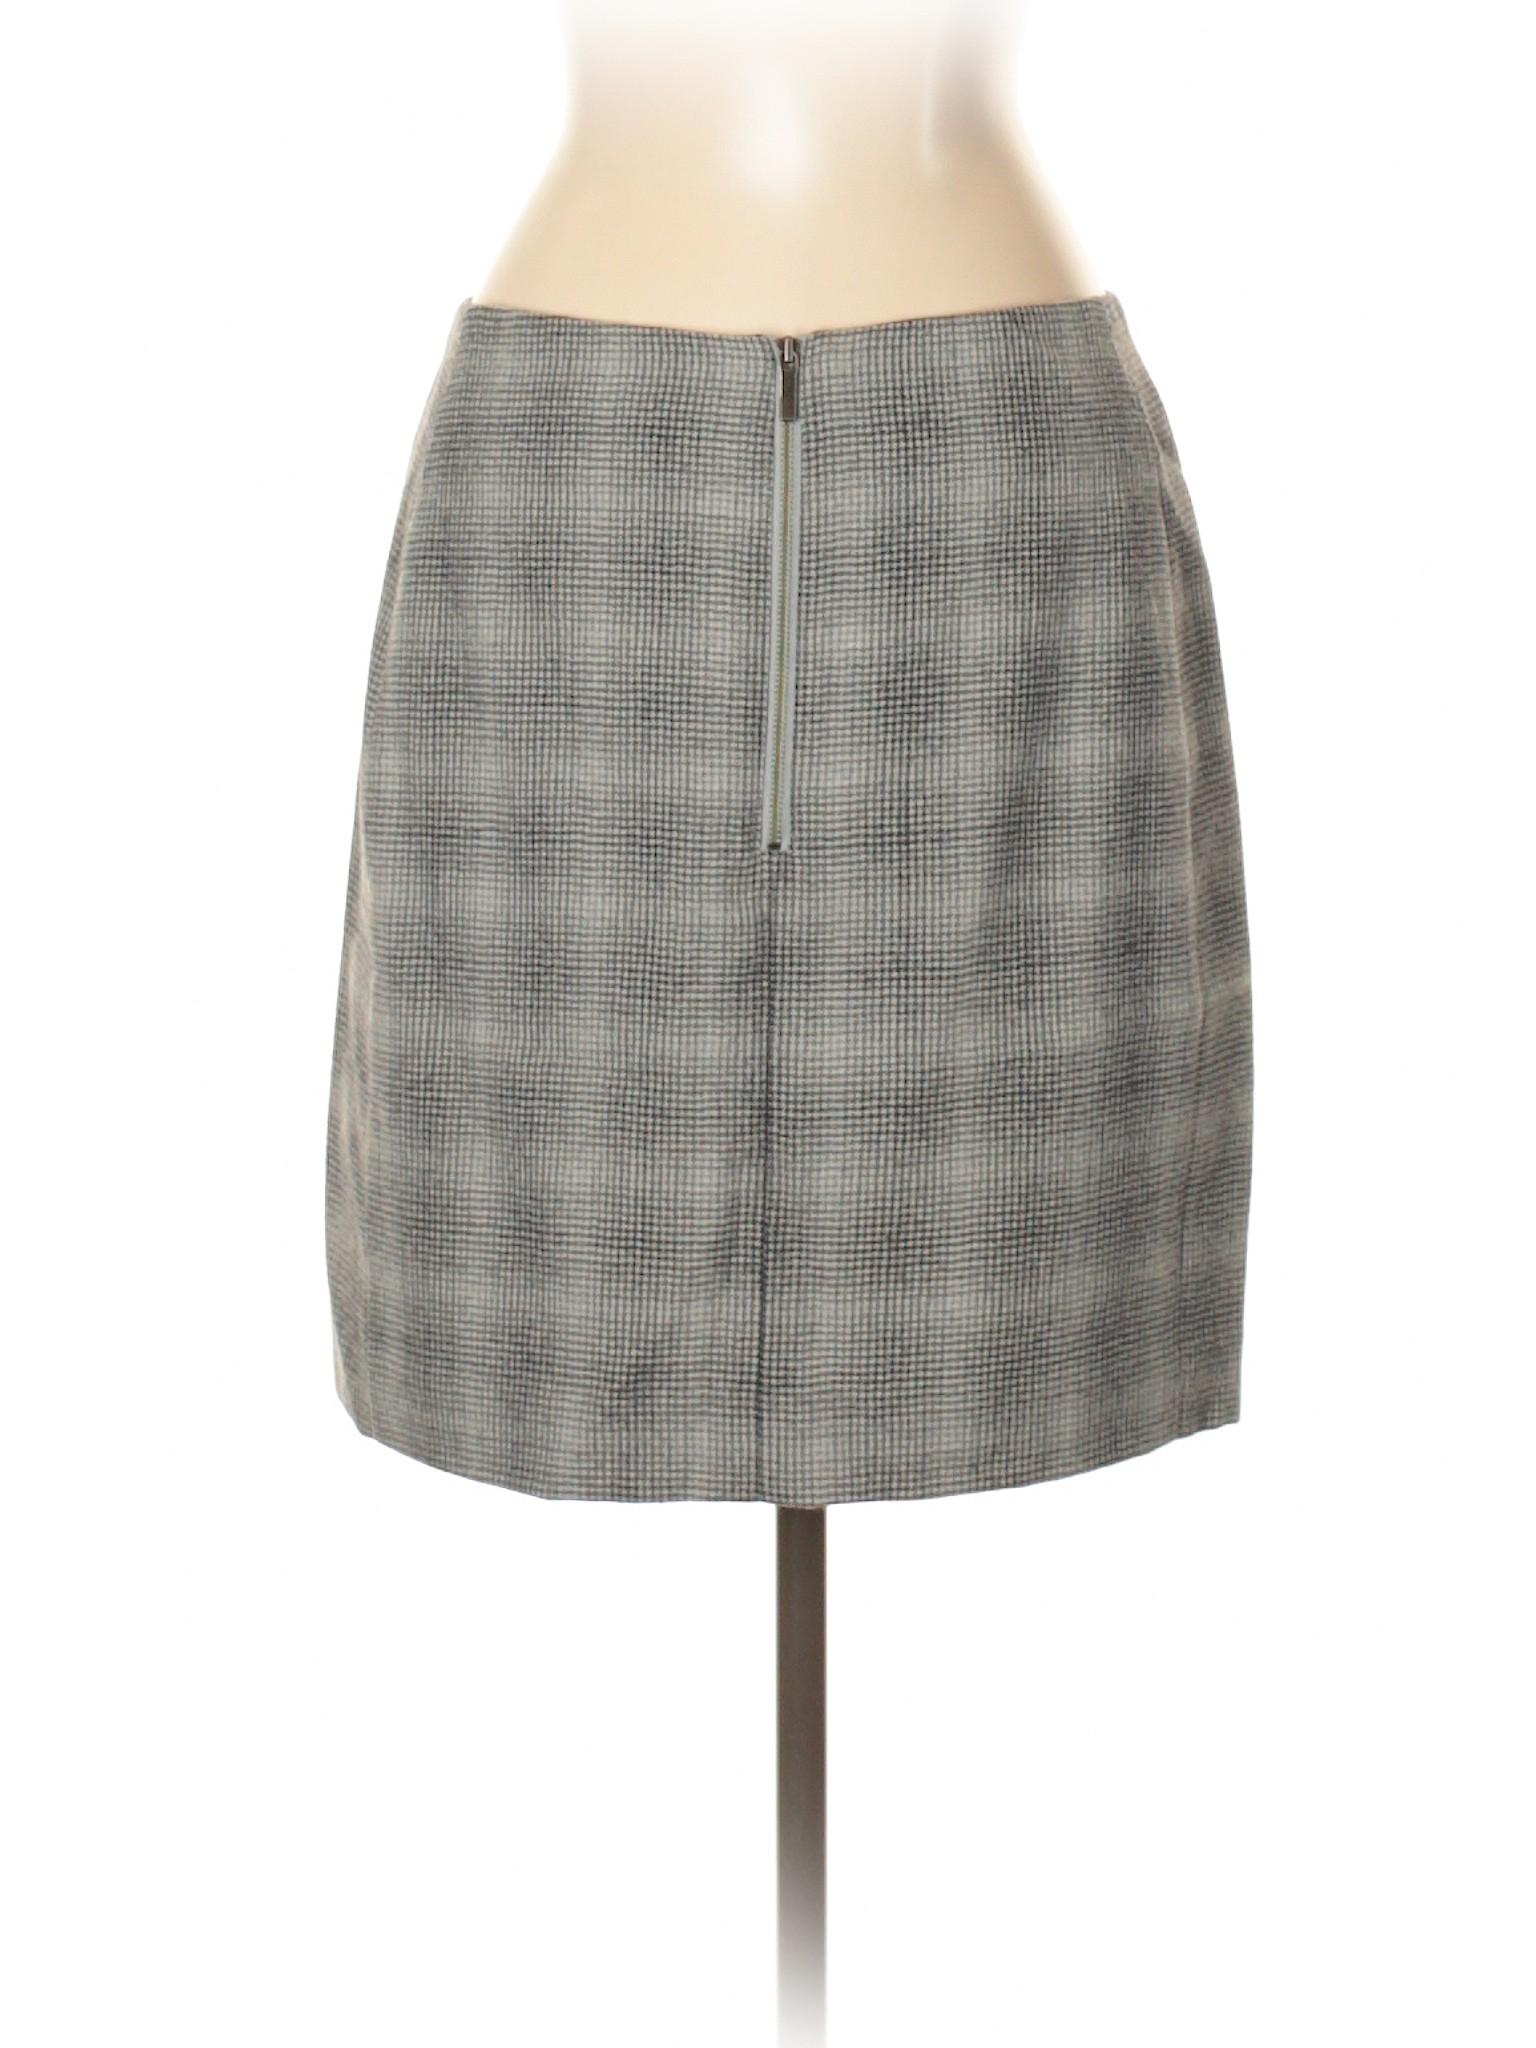 Wool Wool Boutique Boutique Boutique Skirt Skirt zRwZq68xWn